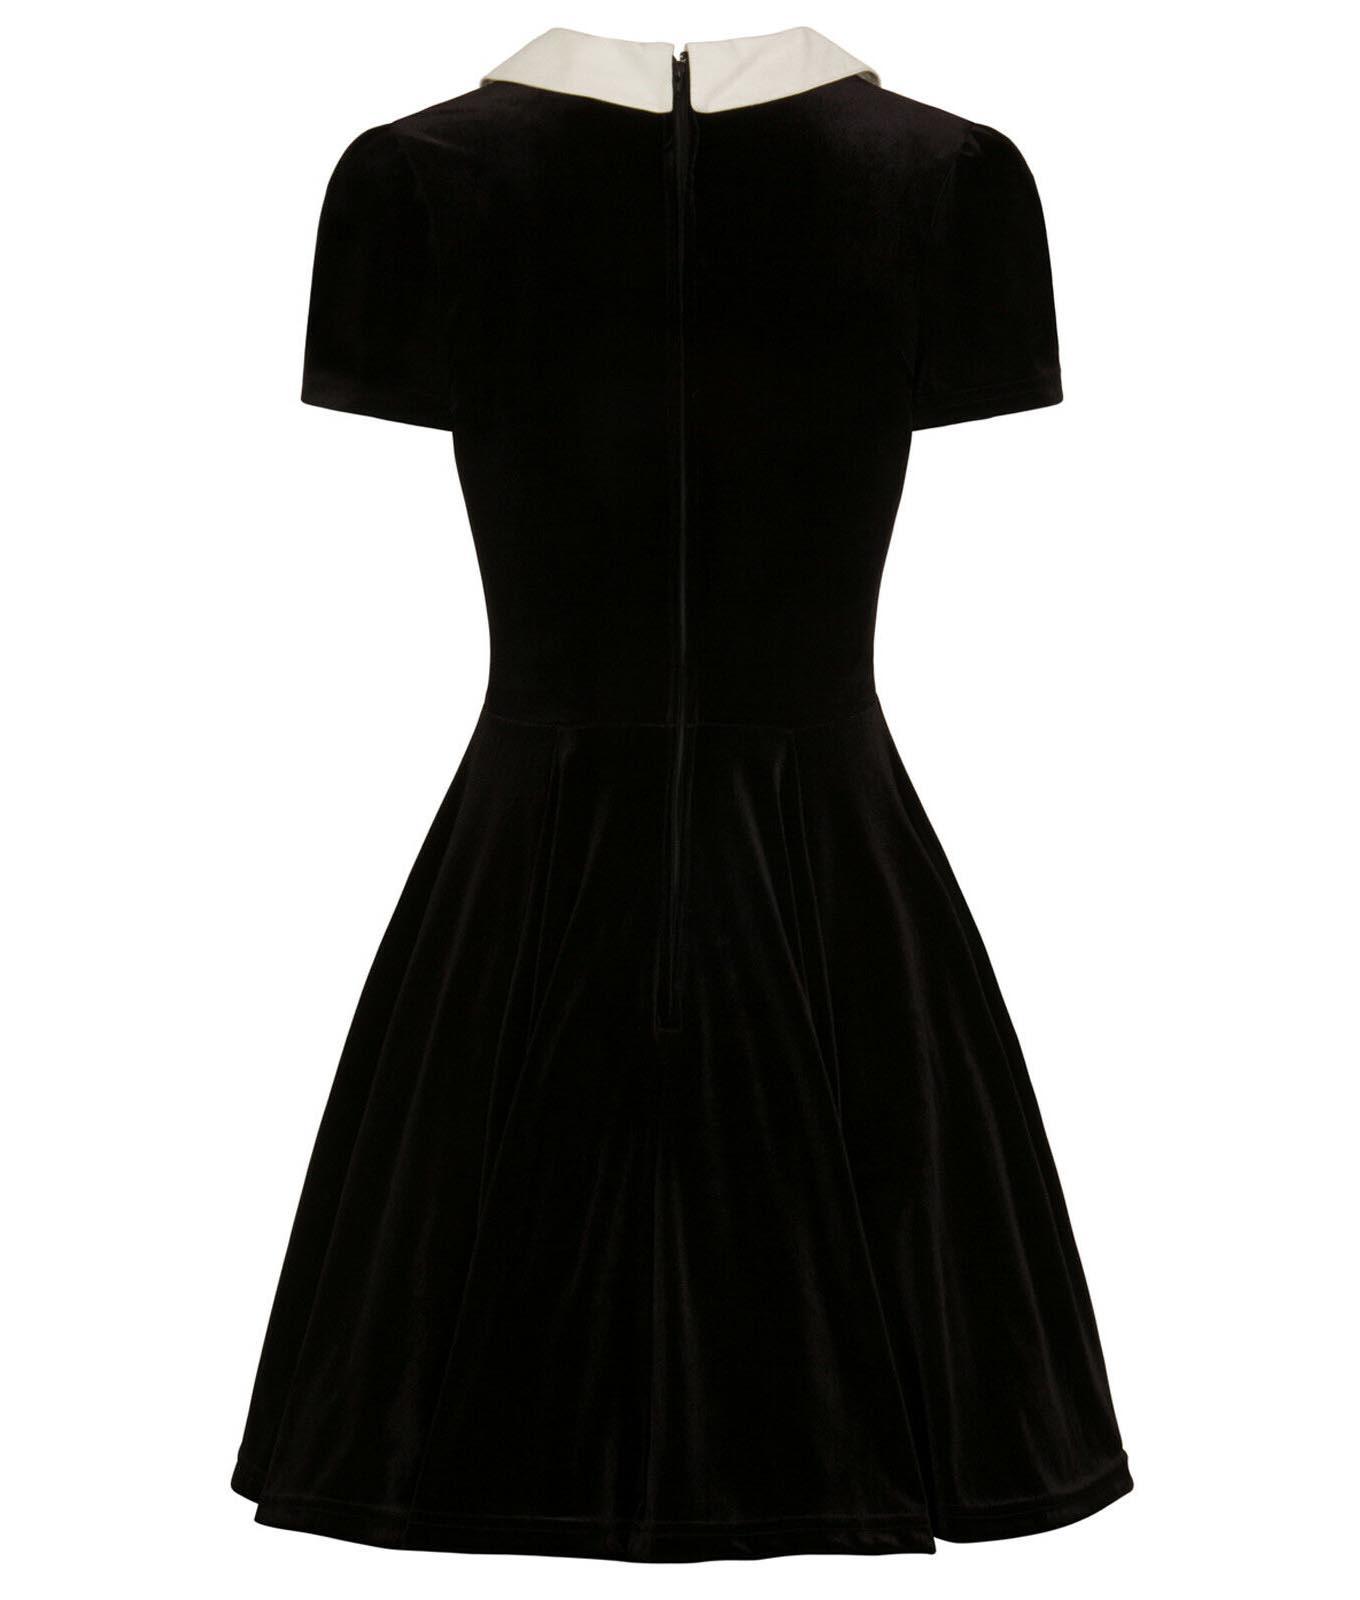 Hell-Bunny-Goth-Mini-Skater-Dress-NIGHTSHADE-Poison-Cherry-Black-Velvet-All-Size thumbnail 5